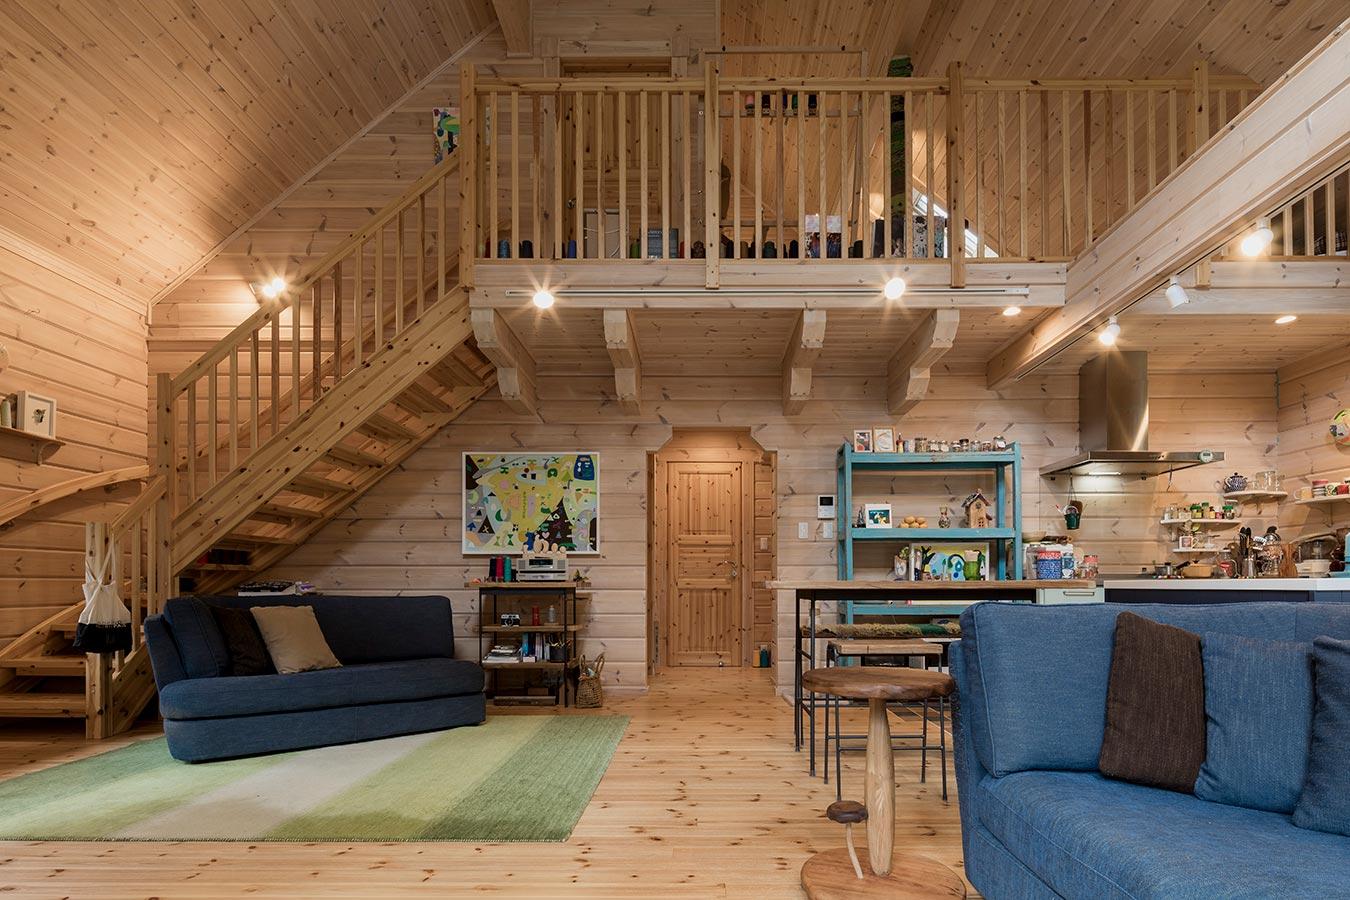 水回りや玄関などと居住スペースはログ壁で区切られており、プライベートスペースの心地よさの確保とプライバシーに配慮されています。